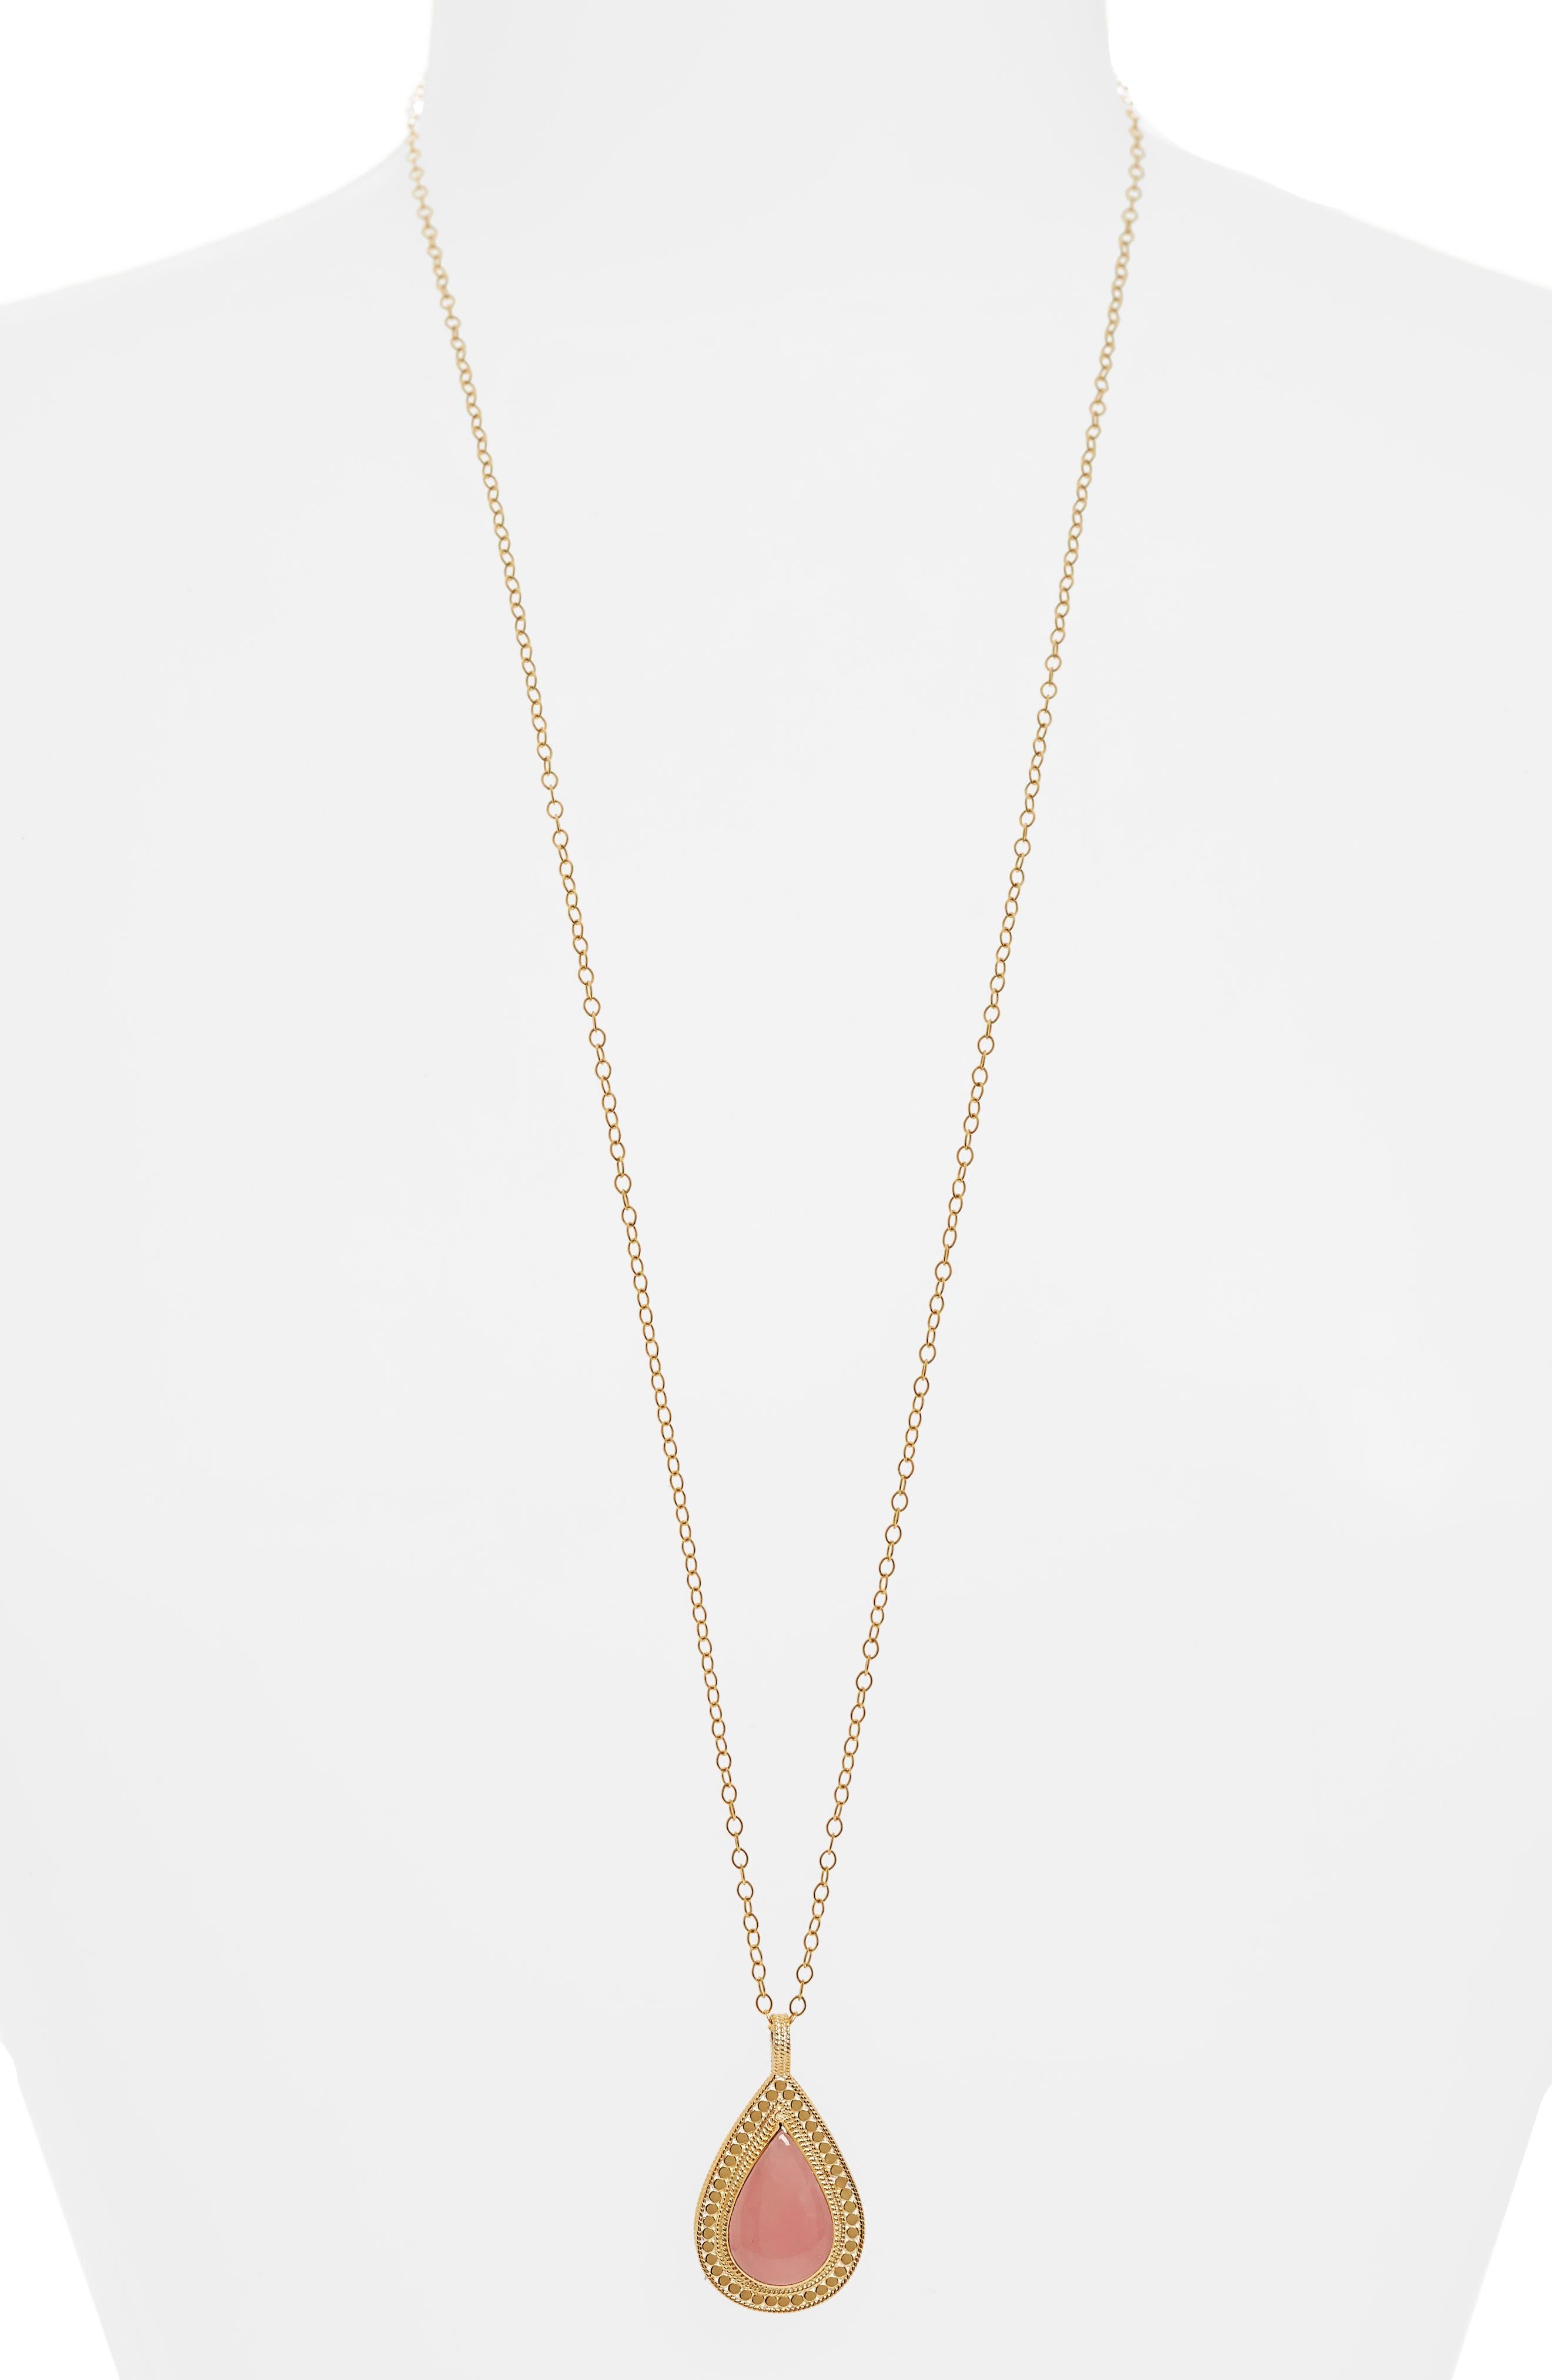 Guava Quartz Double-Sided Necklace,                         Main,                         color, Gold/ Guava Quartz